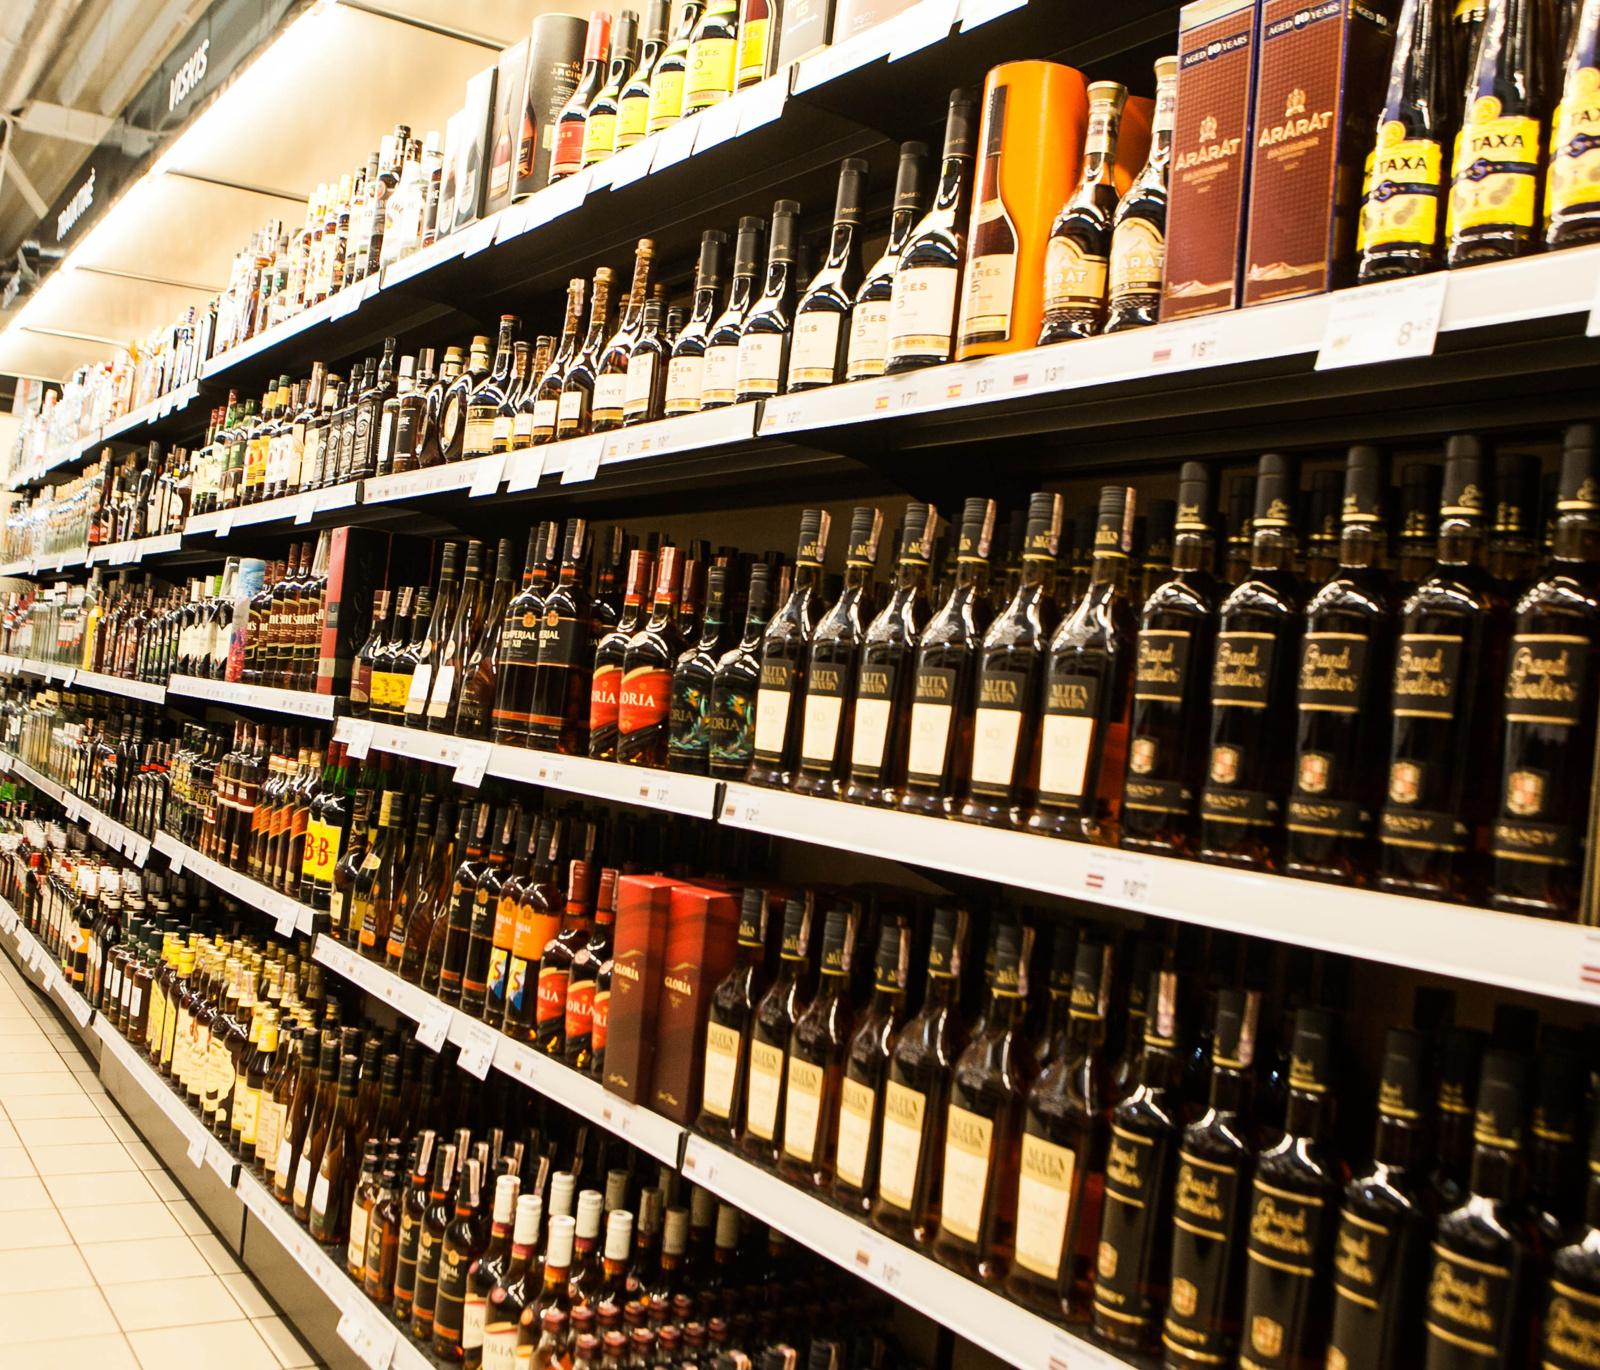 Seimo teisininkai abejoja, ar nauji siūlymai dera su alkoholio vartojimo mažinimo priemonėmis